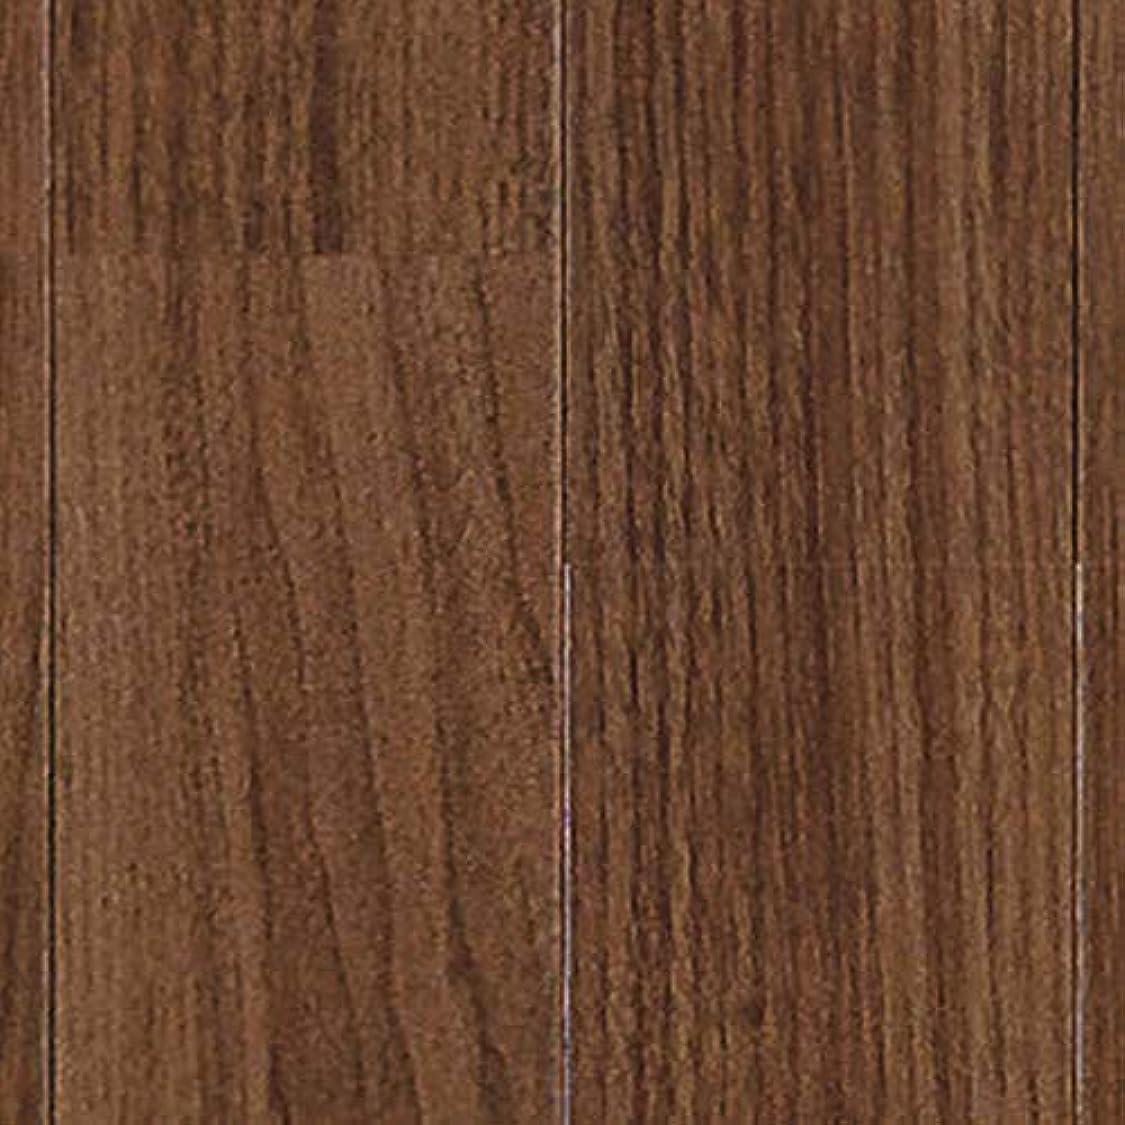 出発魔女爆弾クッションフロア ウォールナット 切売り sincf-wallnat-182 (Sin) 182cm幅×5m E2204 (ダークブラウン) 木目 ブラウン 茶色 日本製